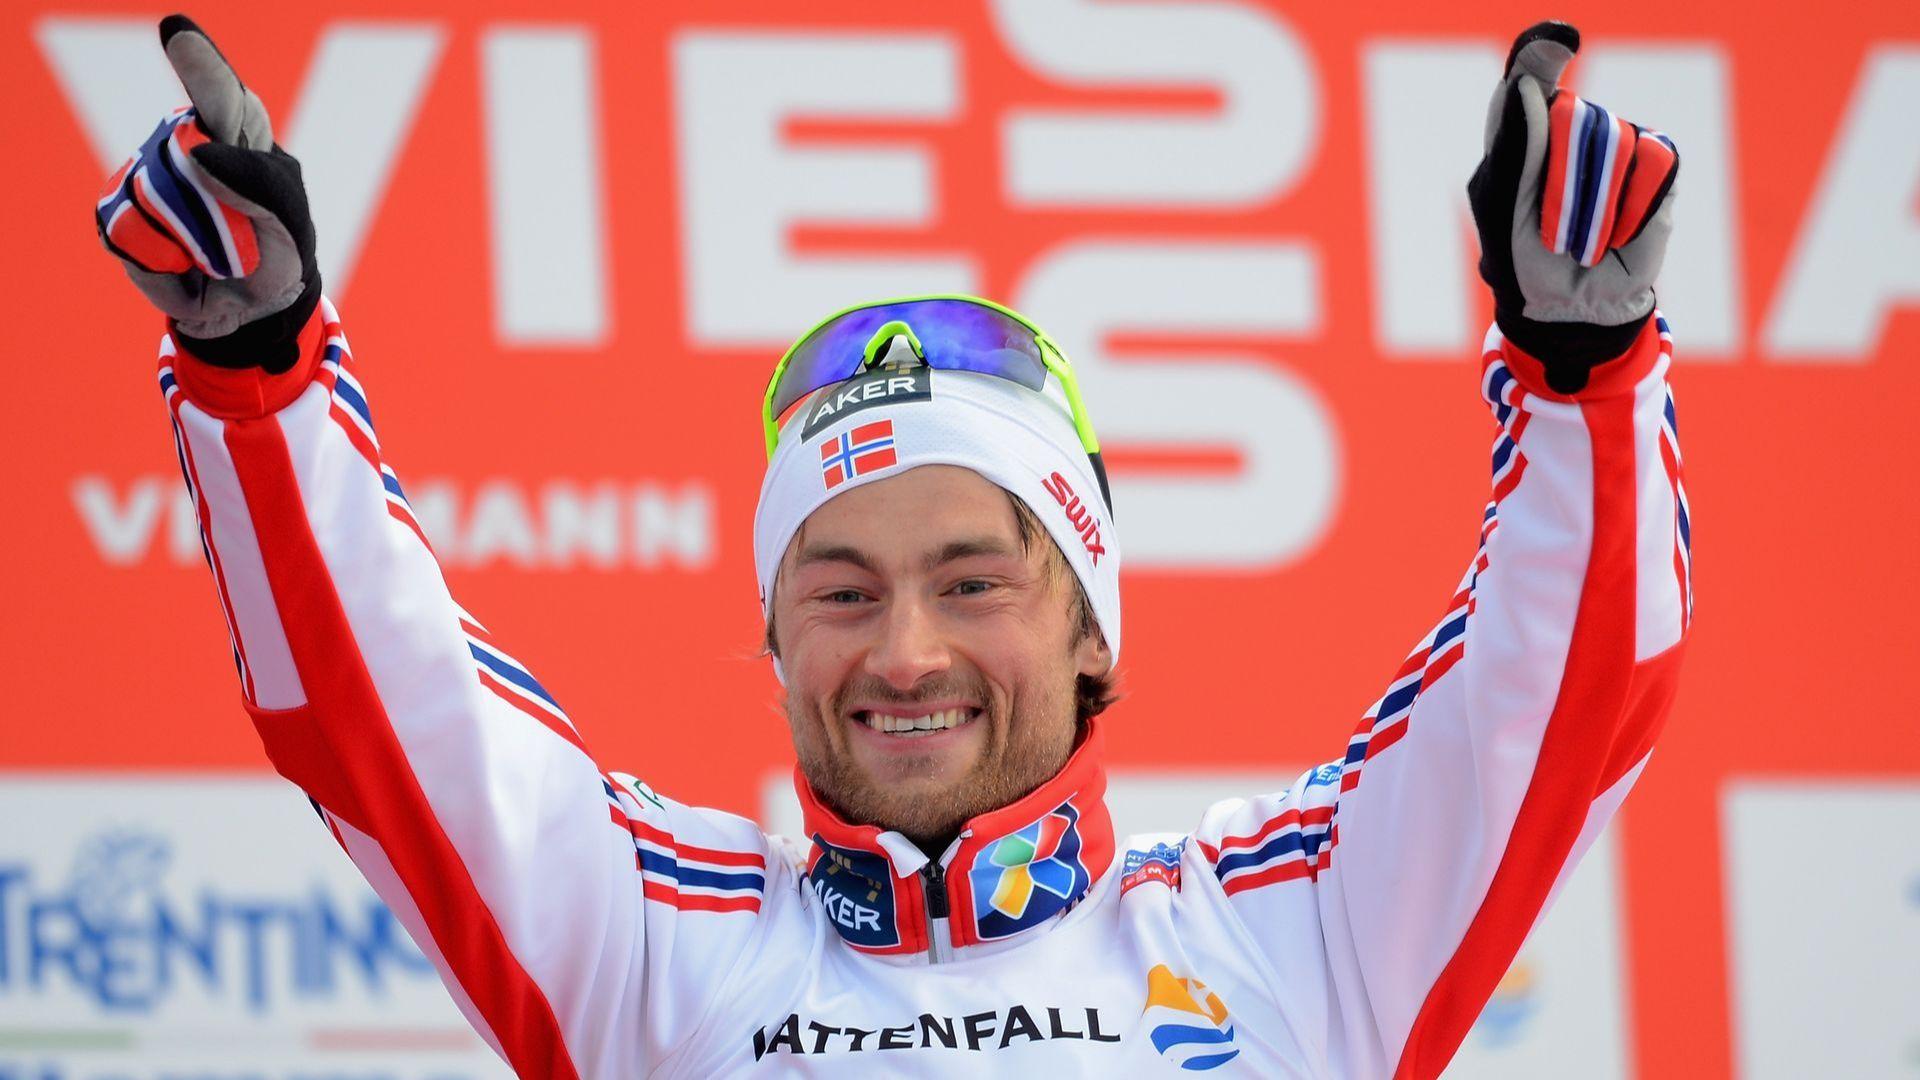 """Олимпийски шампион призна проблеми с наркотици и алкохол, обяви се за """"идиот"""""""